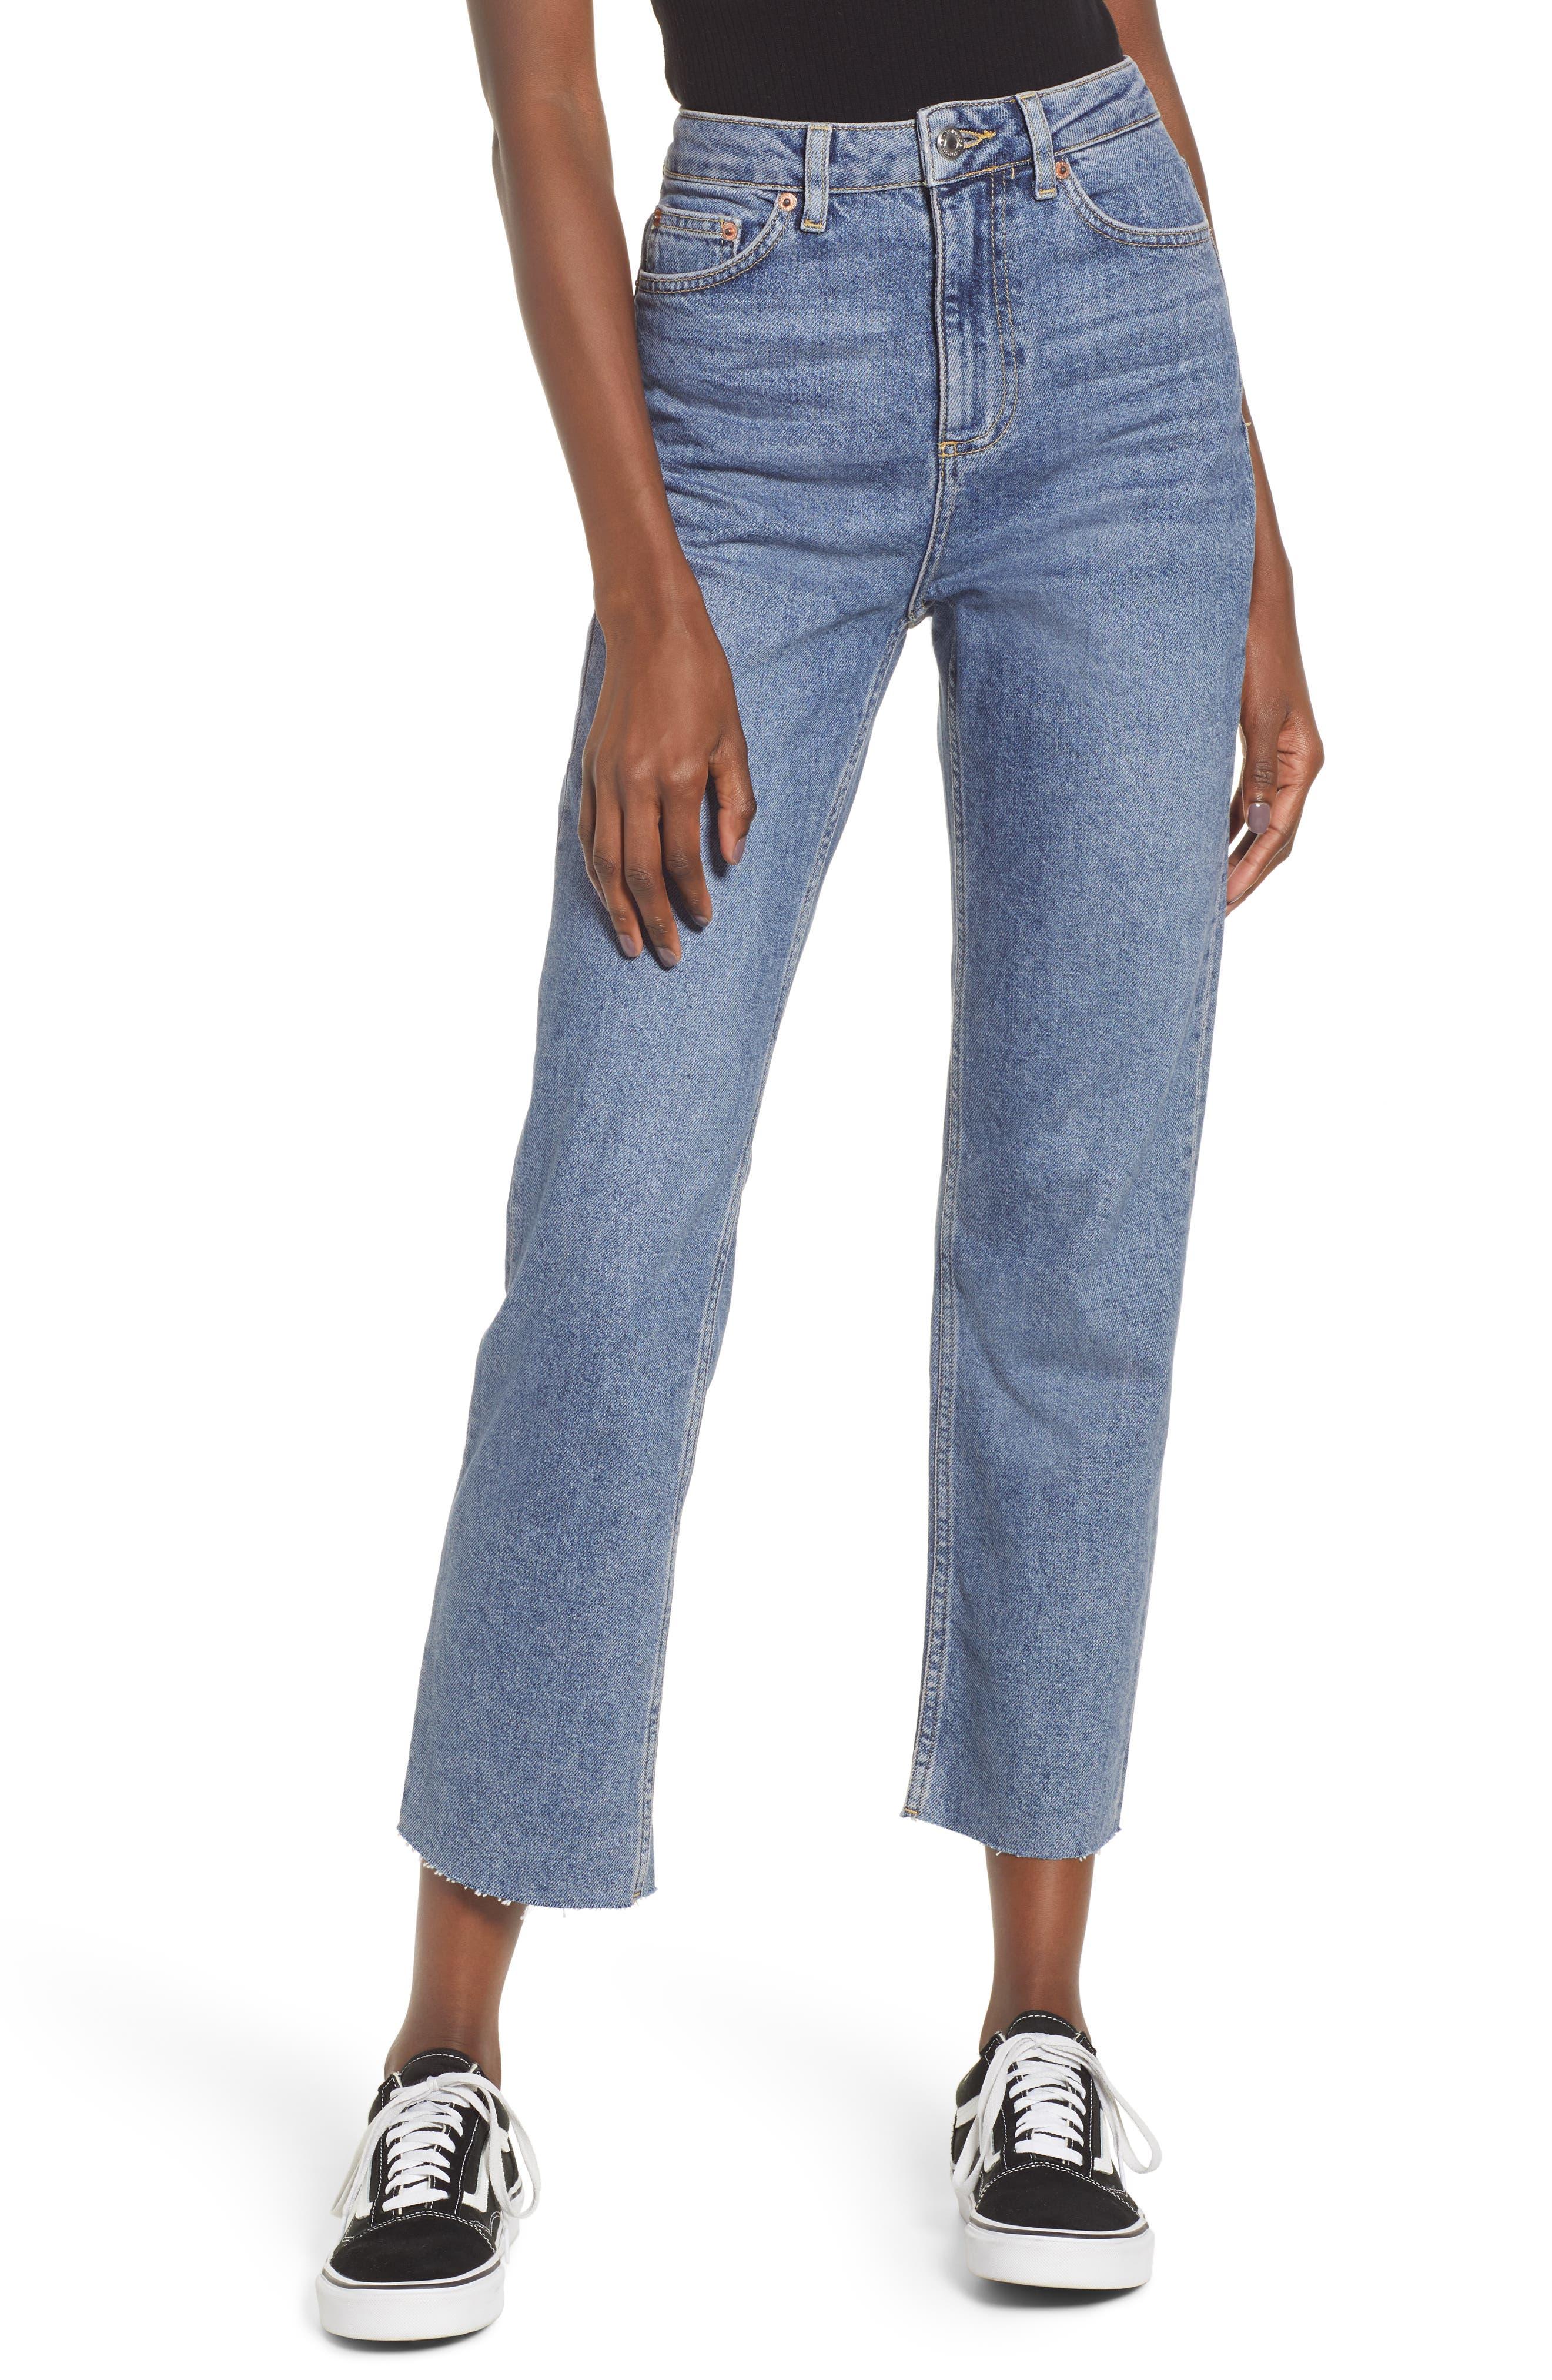 Topshop High Waist Raw Hem Jeans